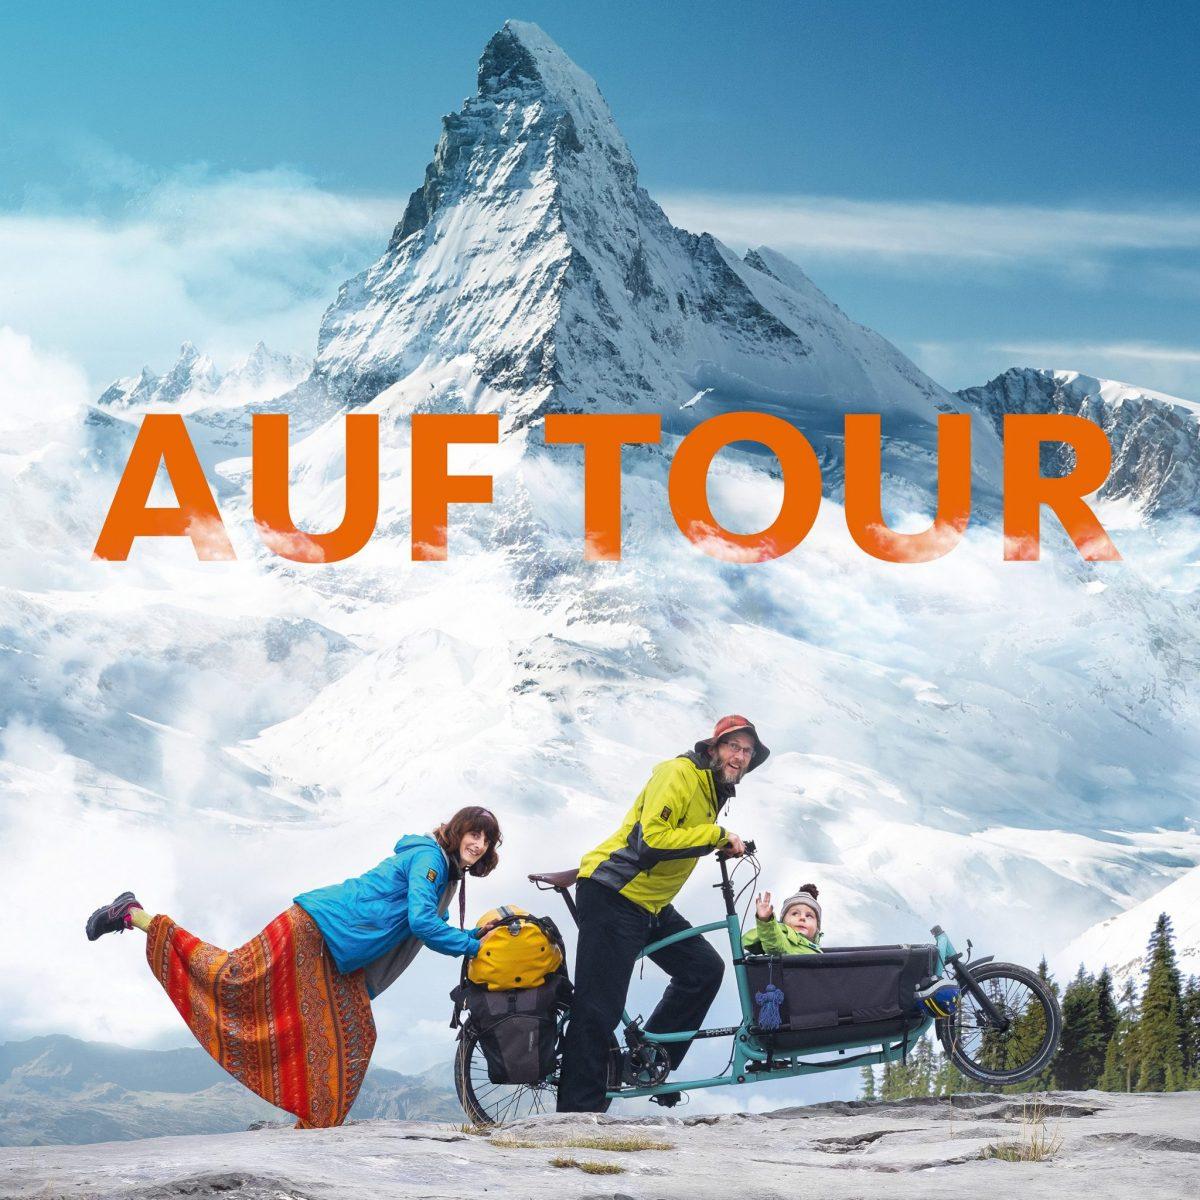 De Alemania a España en Bicicleta en familia: La aventura de Jenni, André y su hijo Unai empieza hoy.